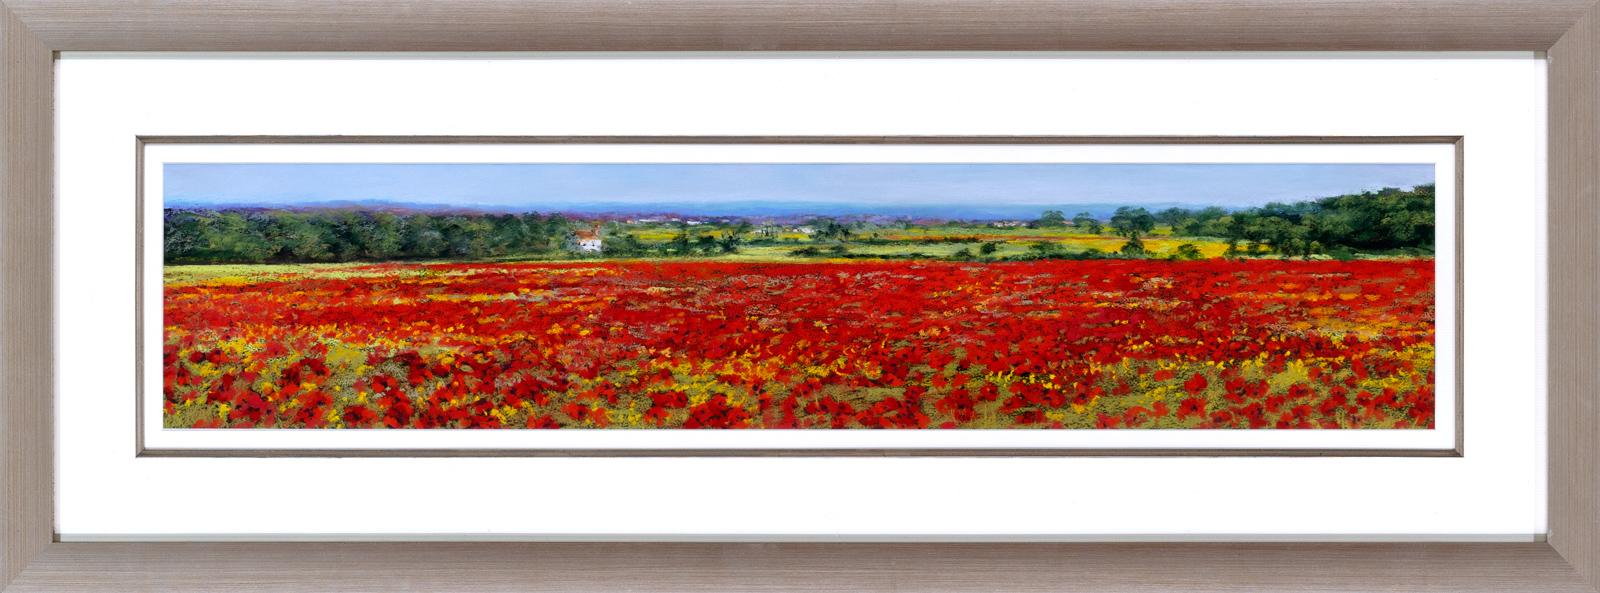 Flanders Poppy Field Framed